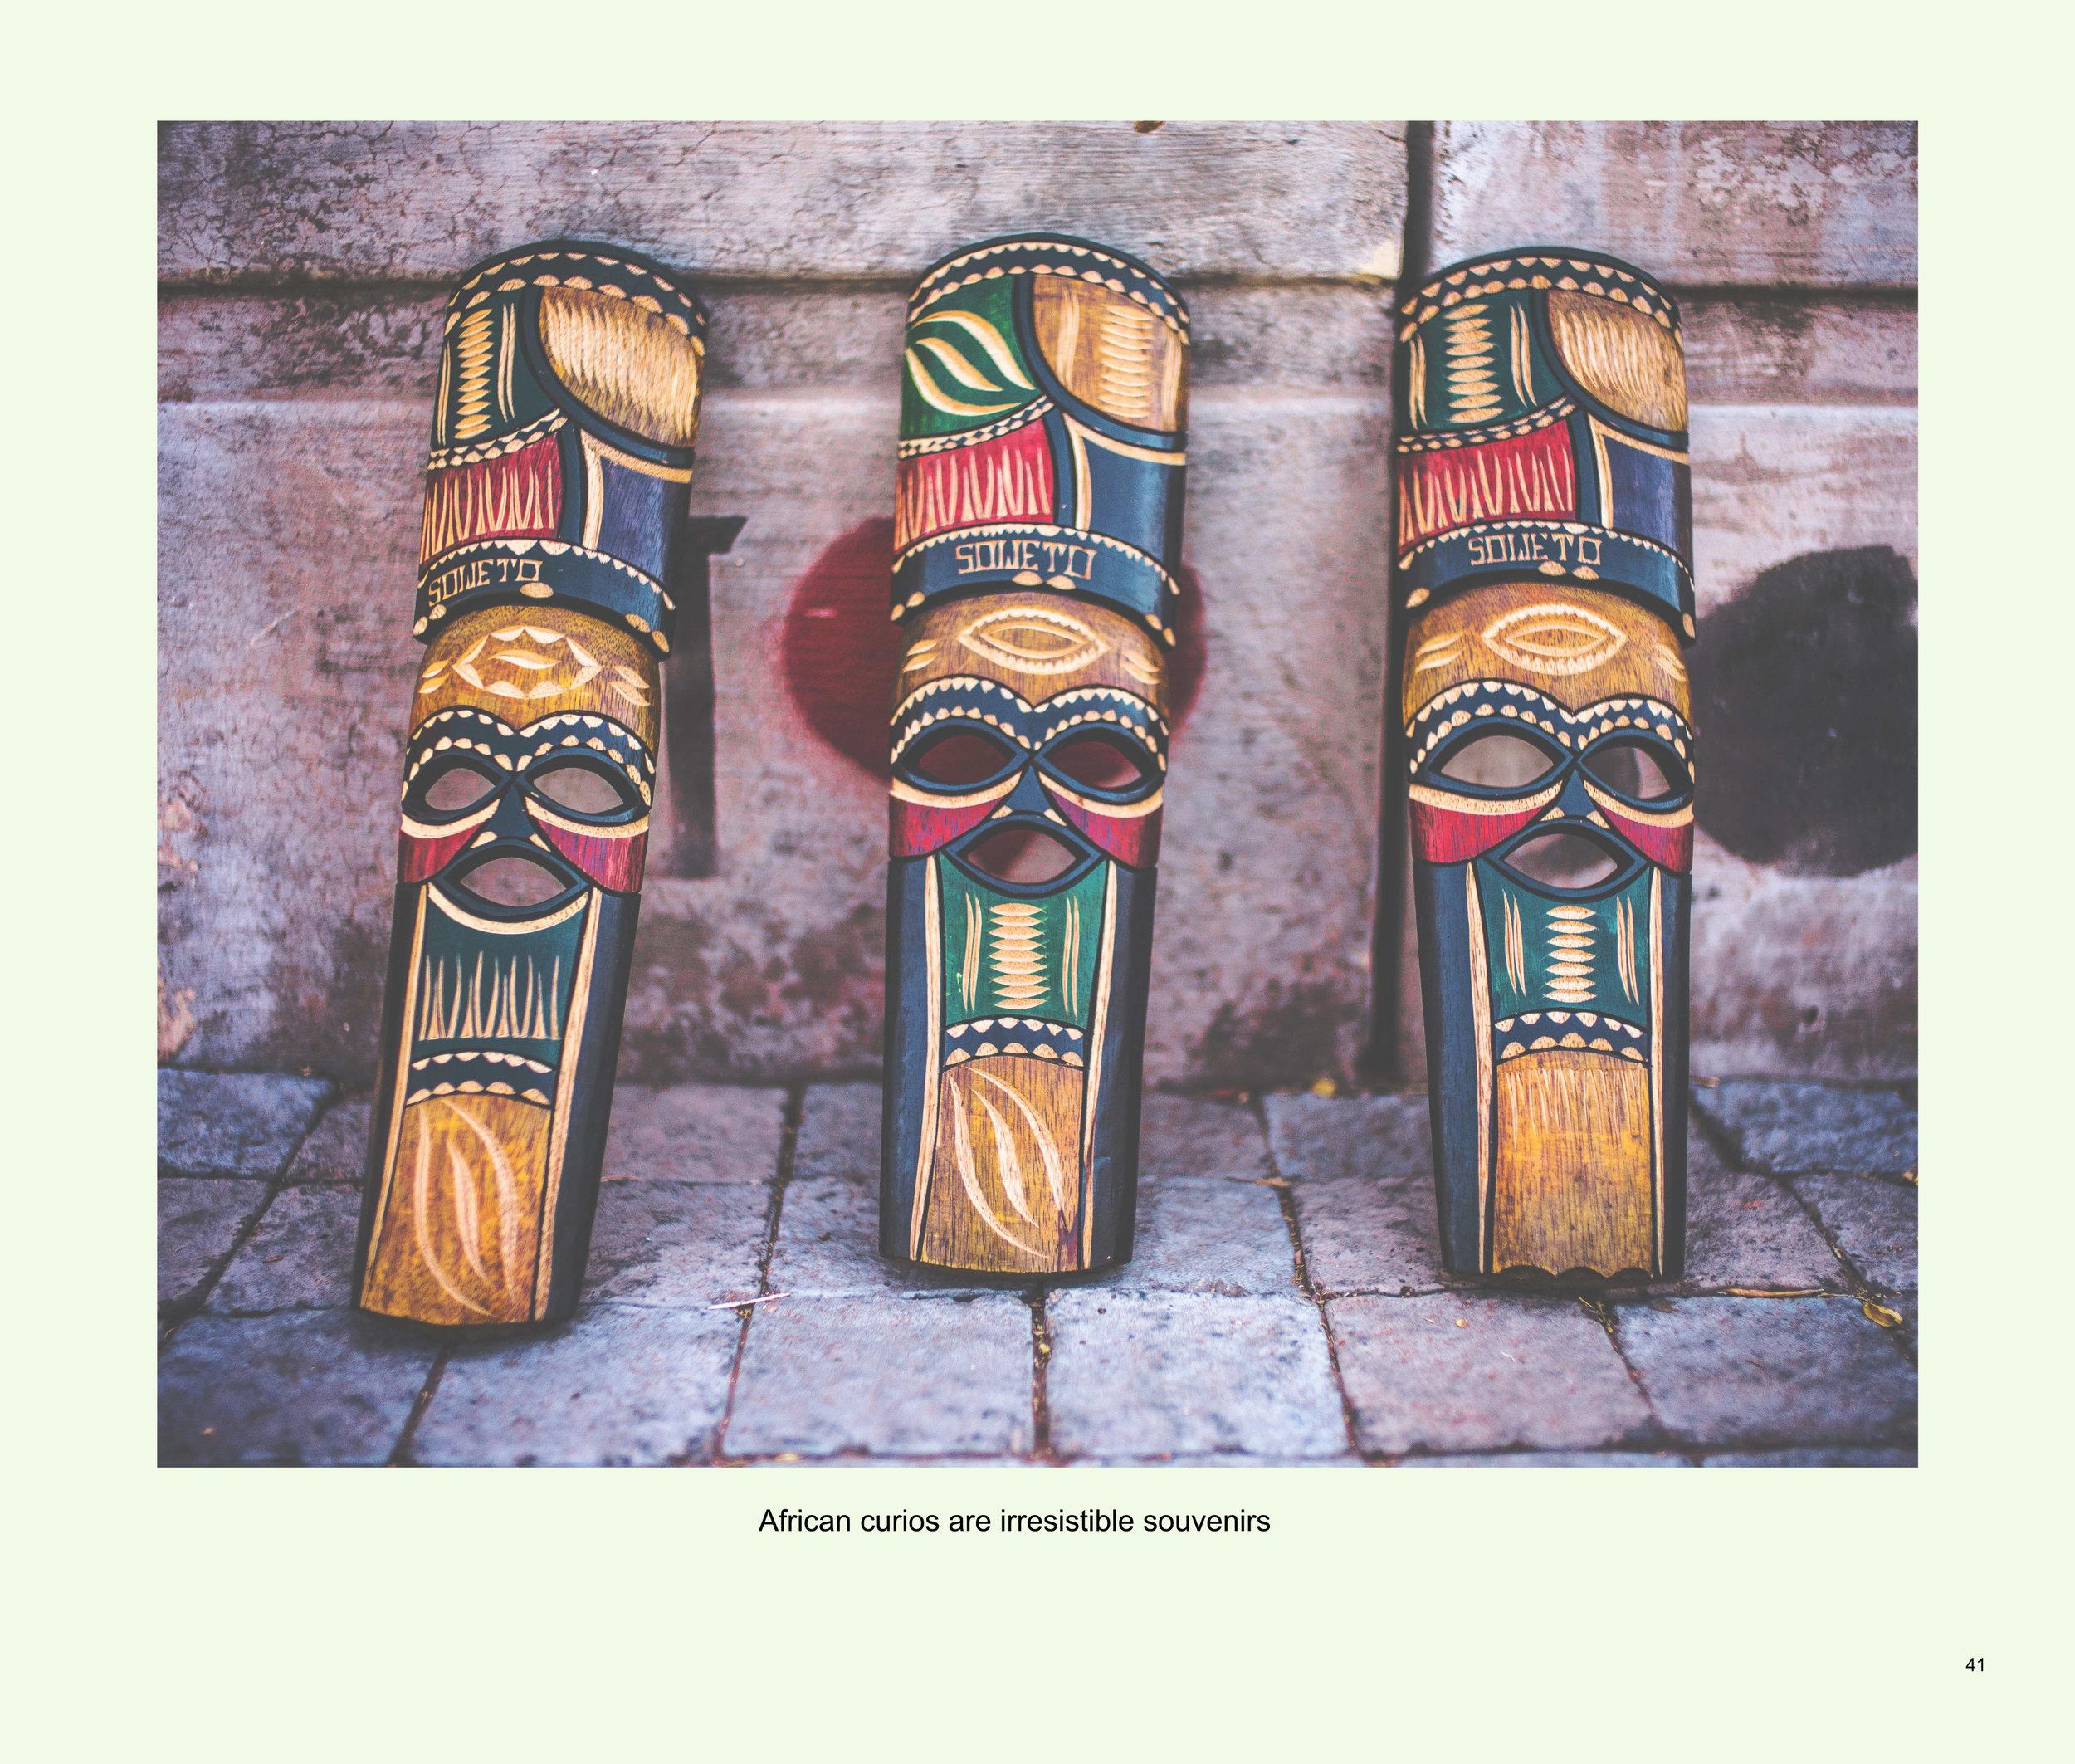 ImagesASouthernAfricaRoadTrip-43.jpg